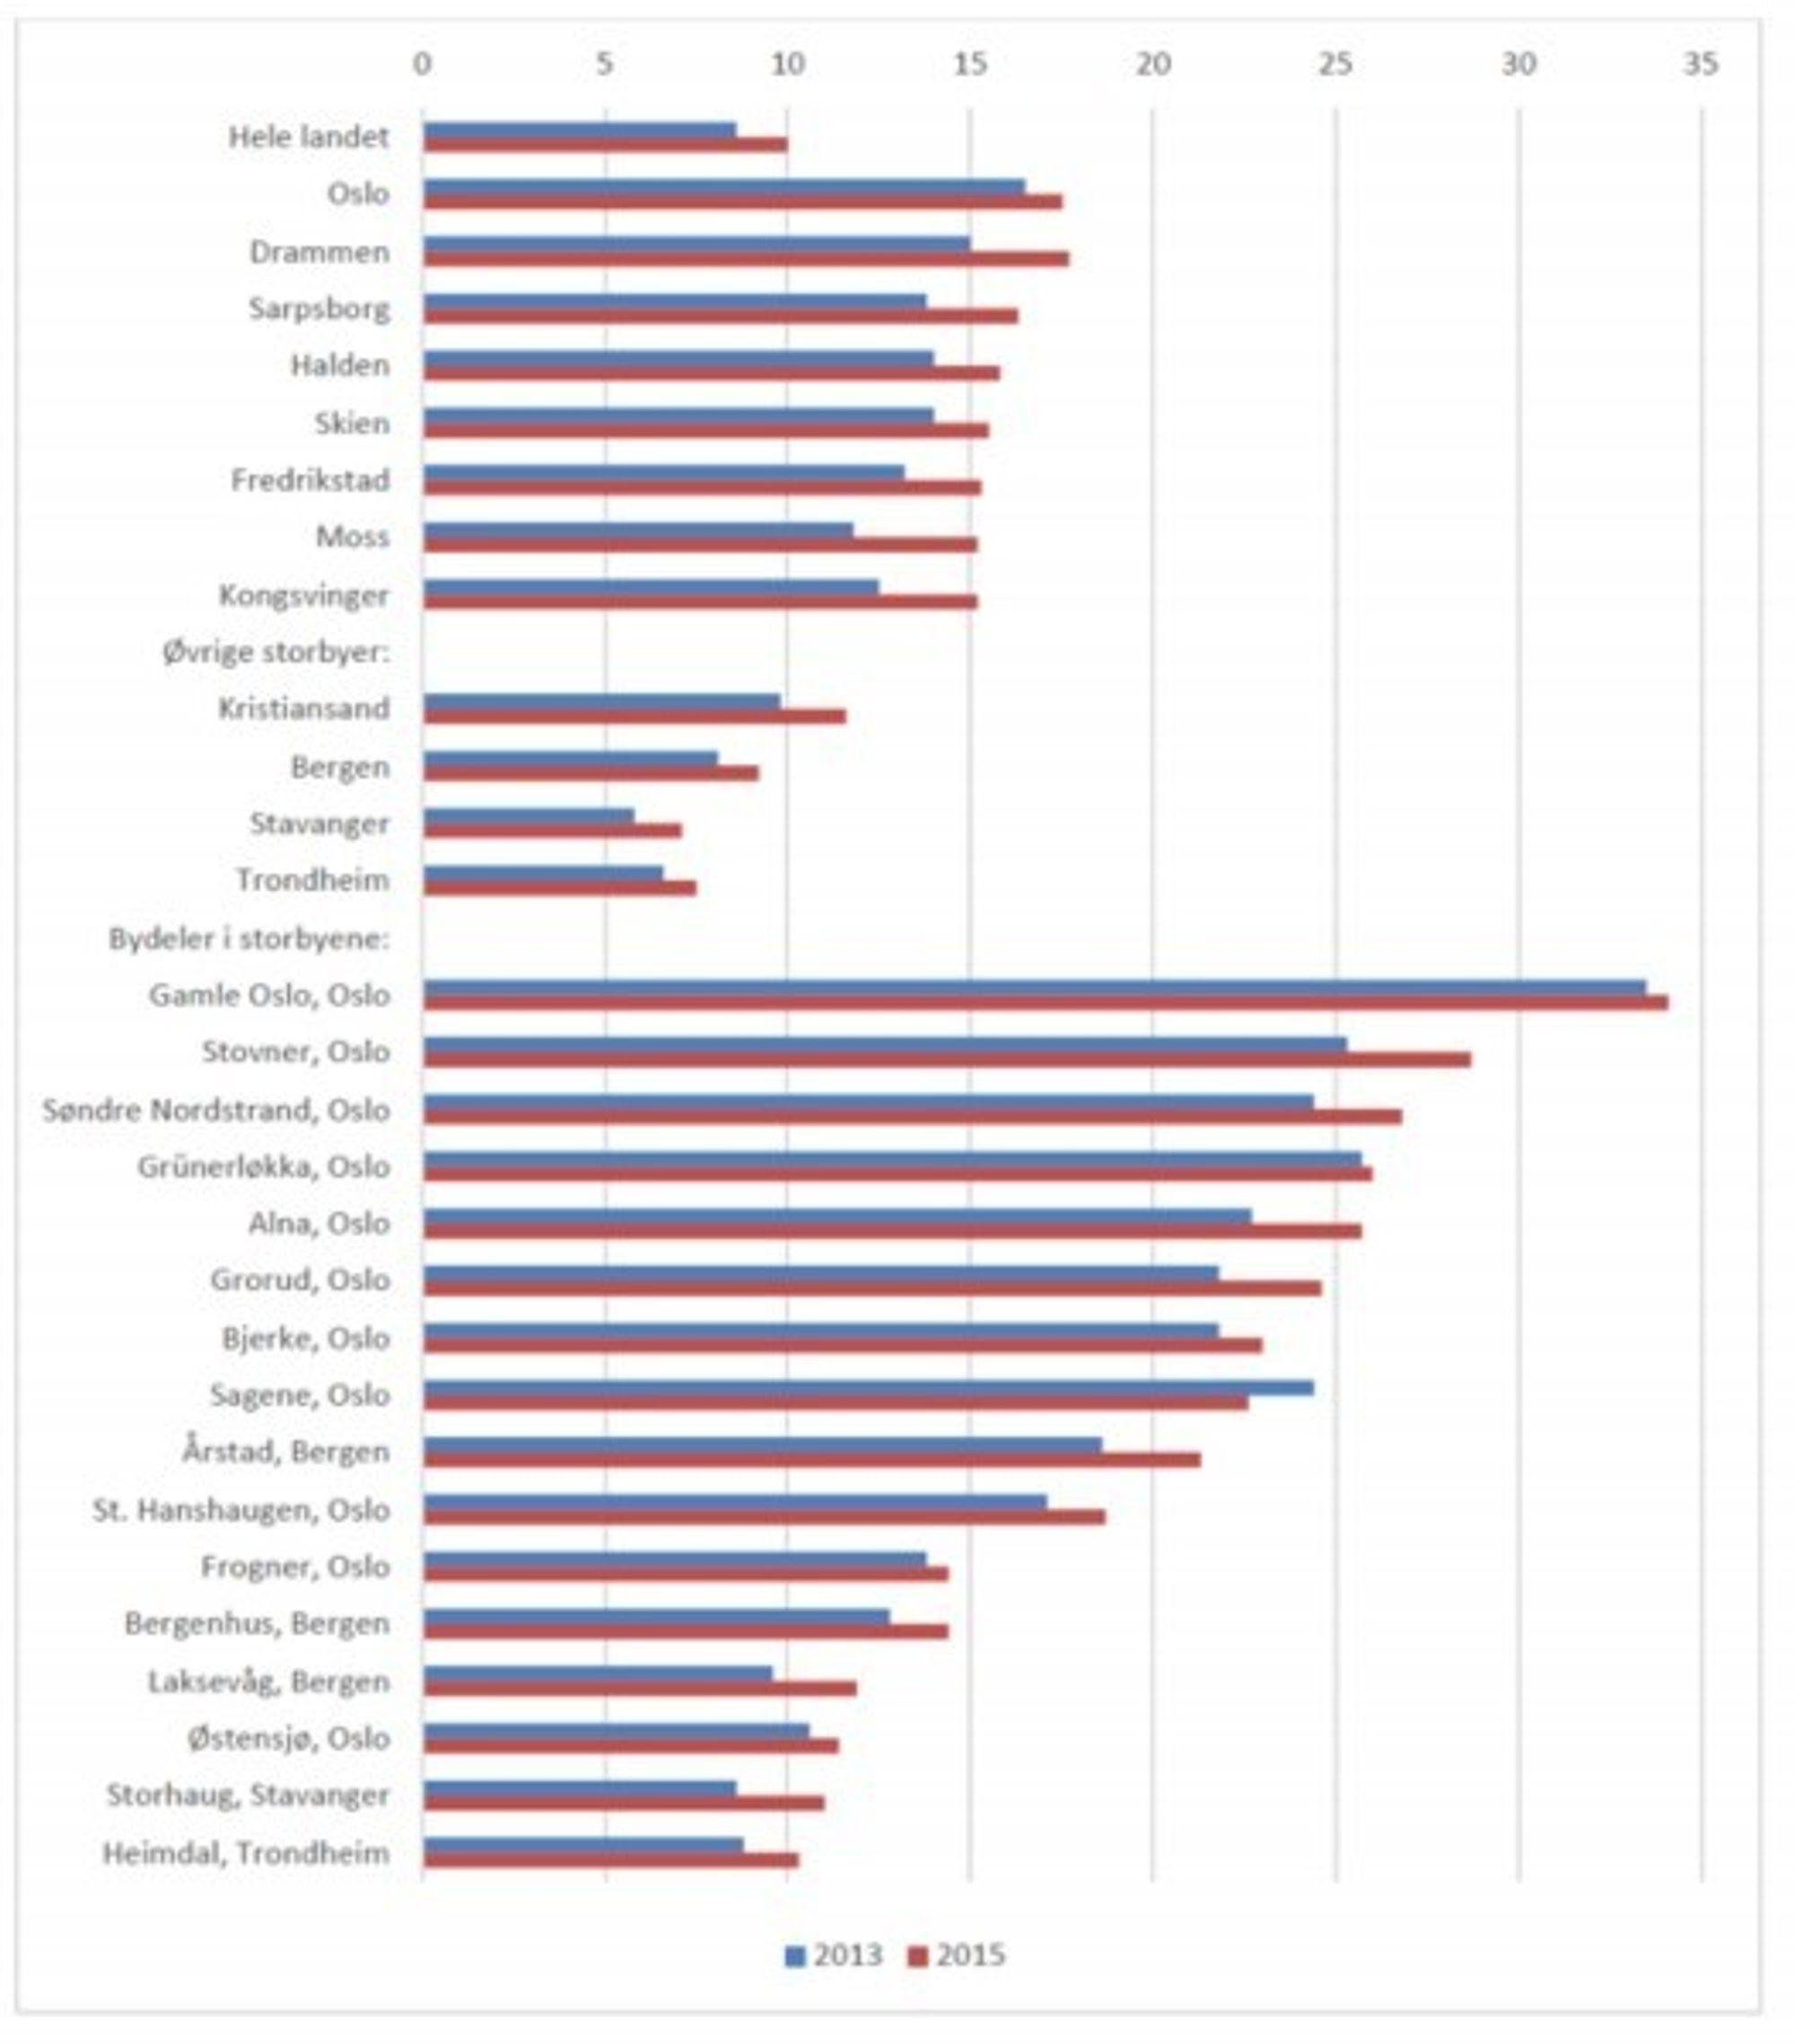 Andel barn i hushold med vedvarende lavinntekt i 2013 og 2015. Oversikten viser hele landet, byene med høyest andel, øvrige store byer og bydelene med høyest andel i de store byene.